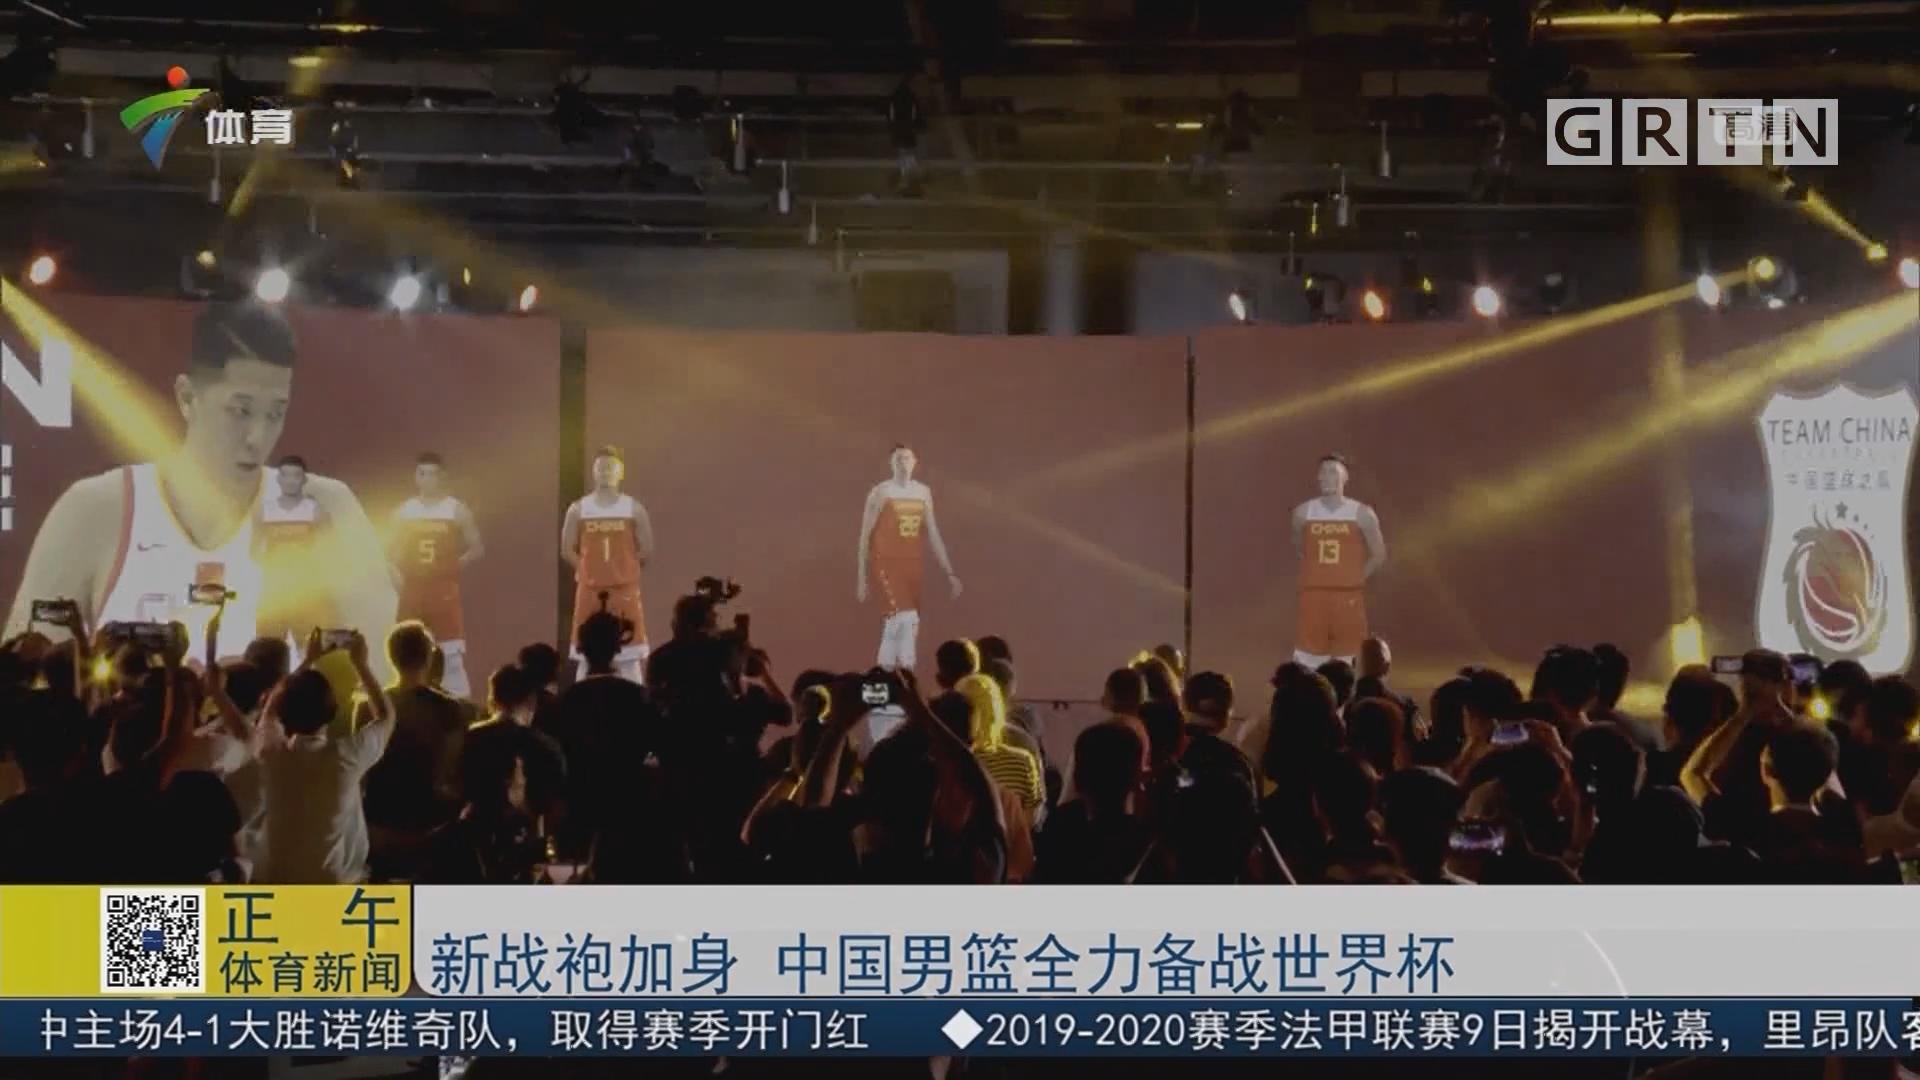 新战袍加身 中国男篮全力备战世界杯